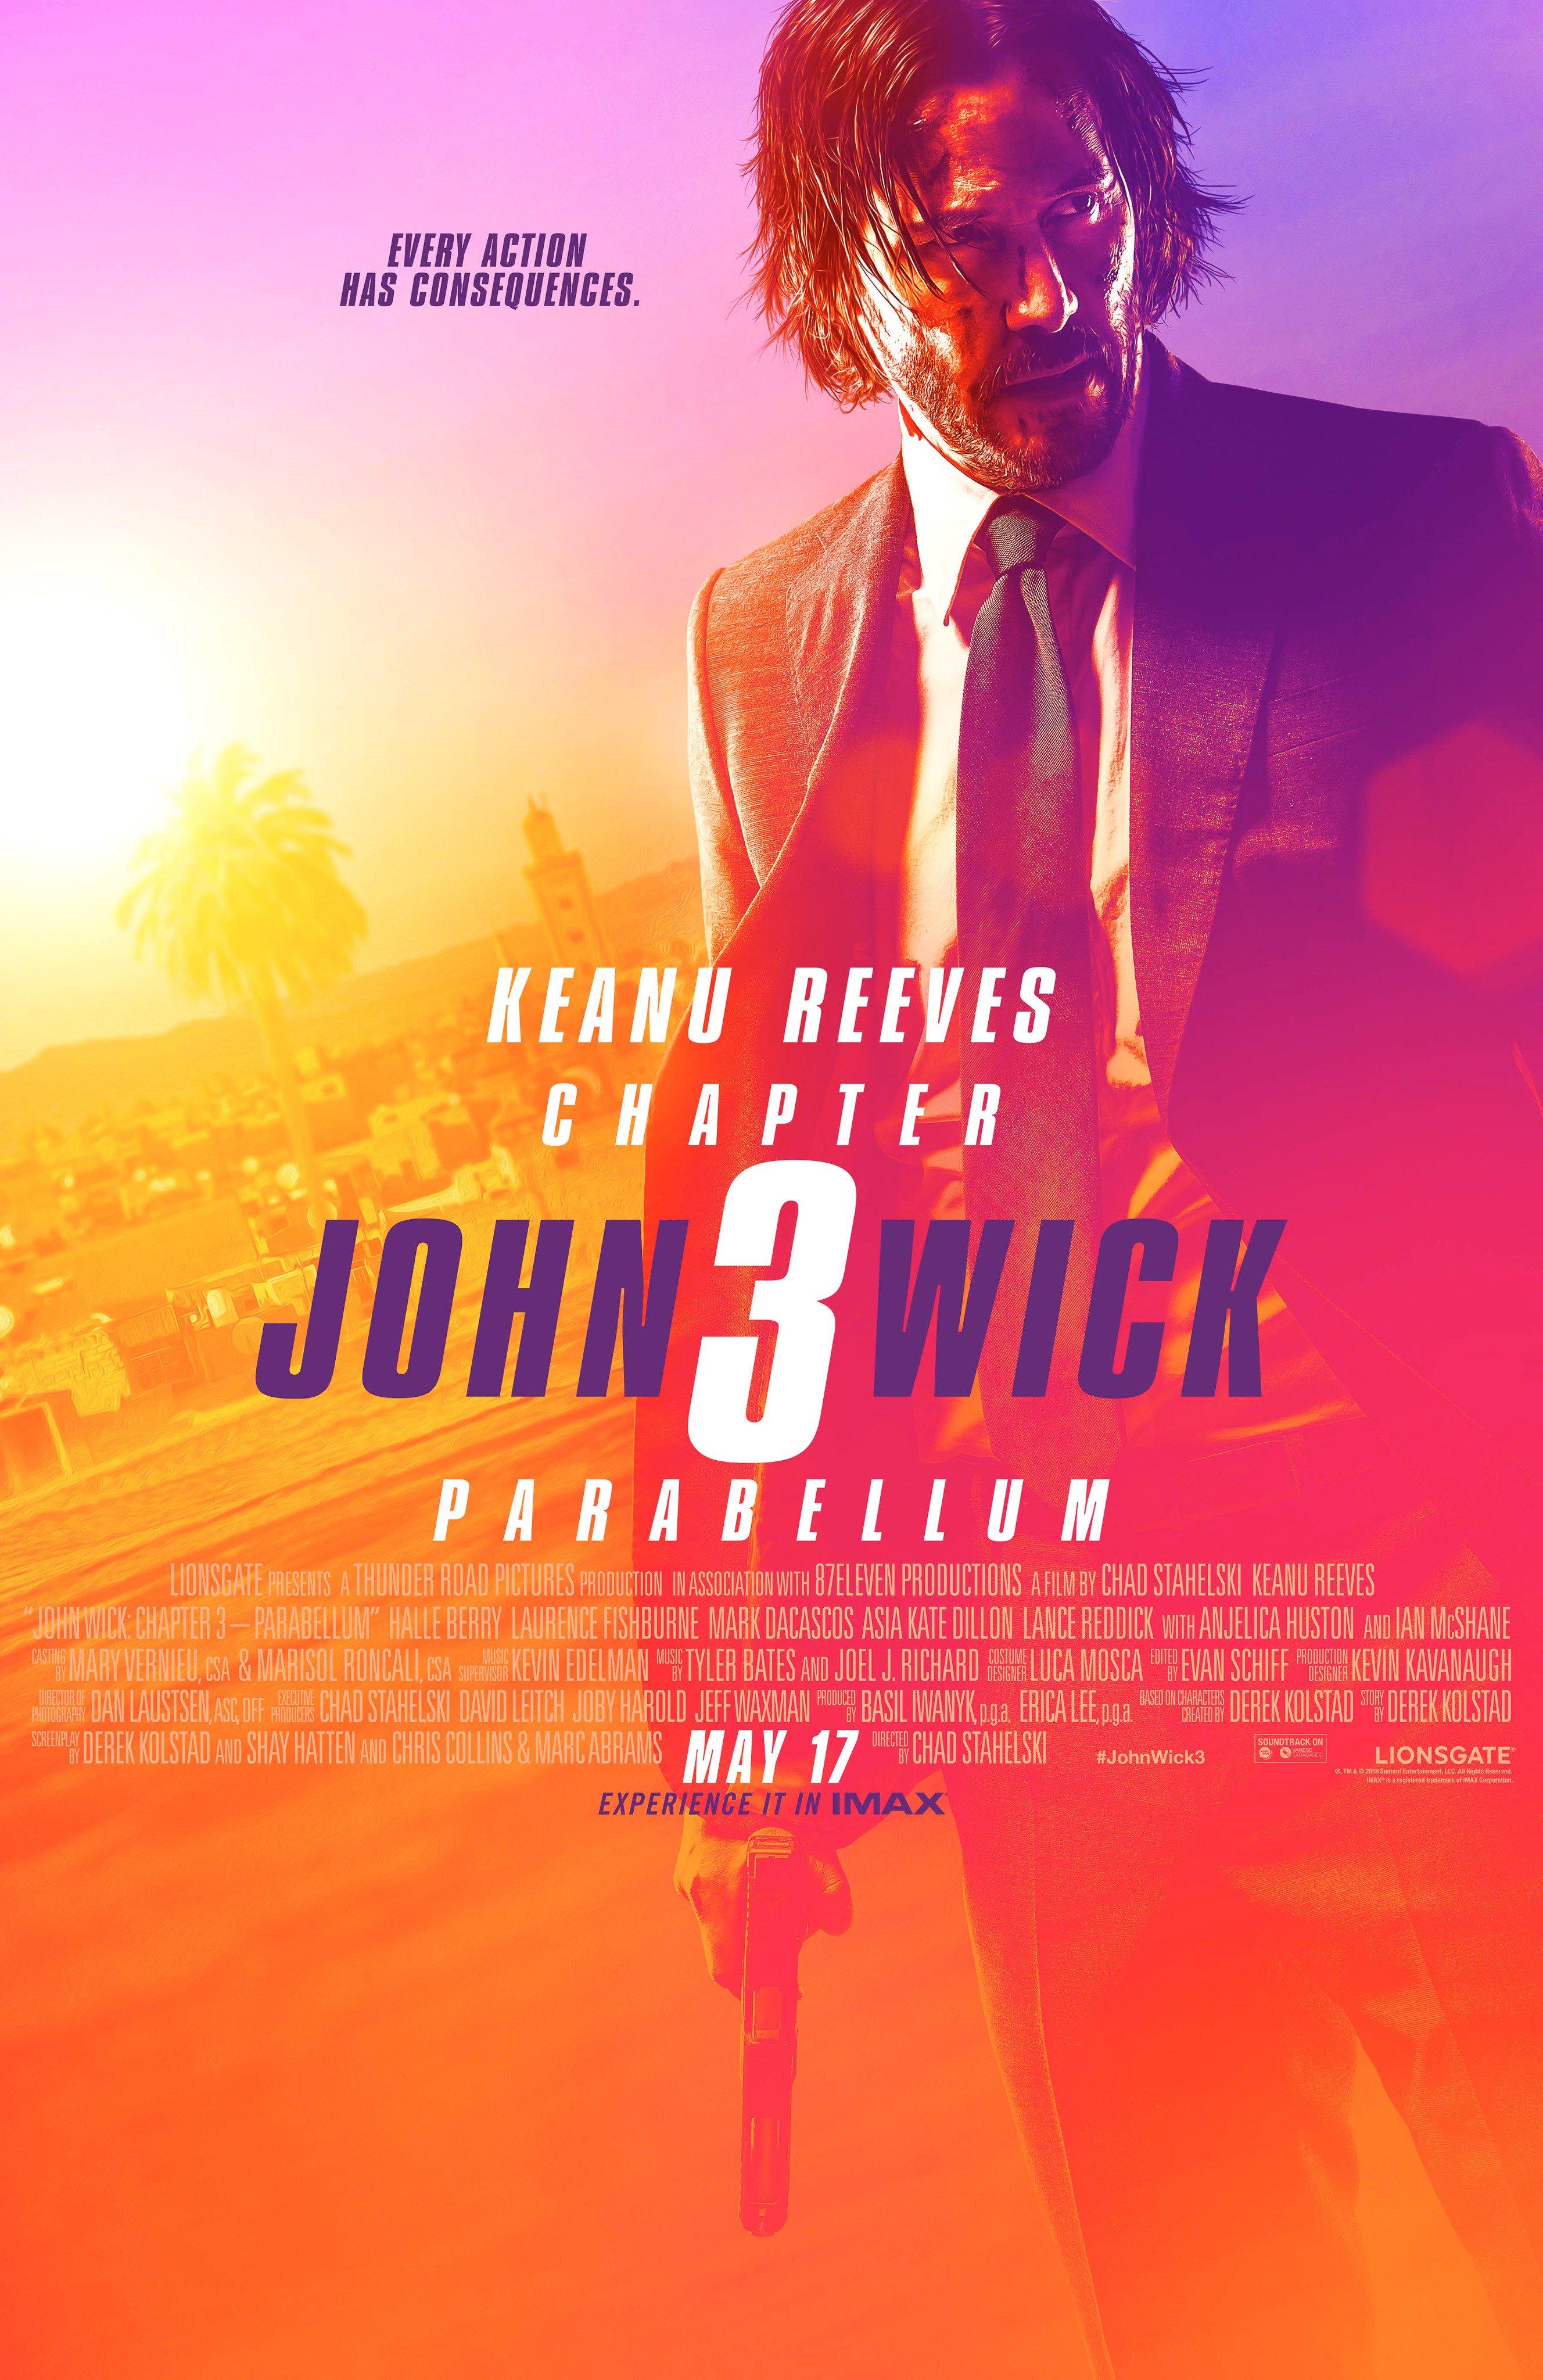 John Wick 3 Deutschland